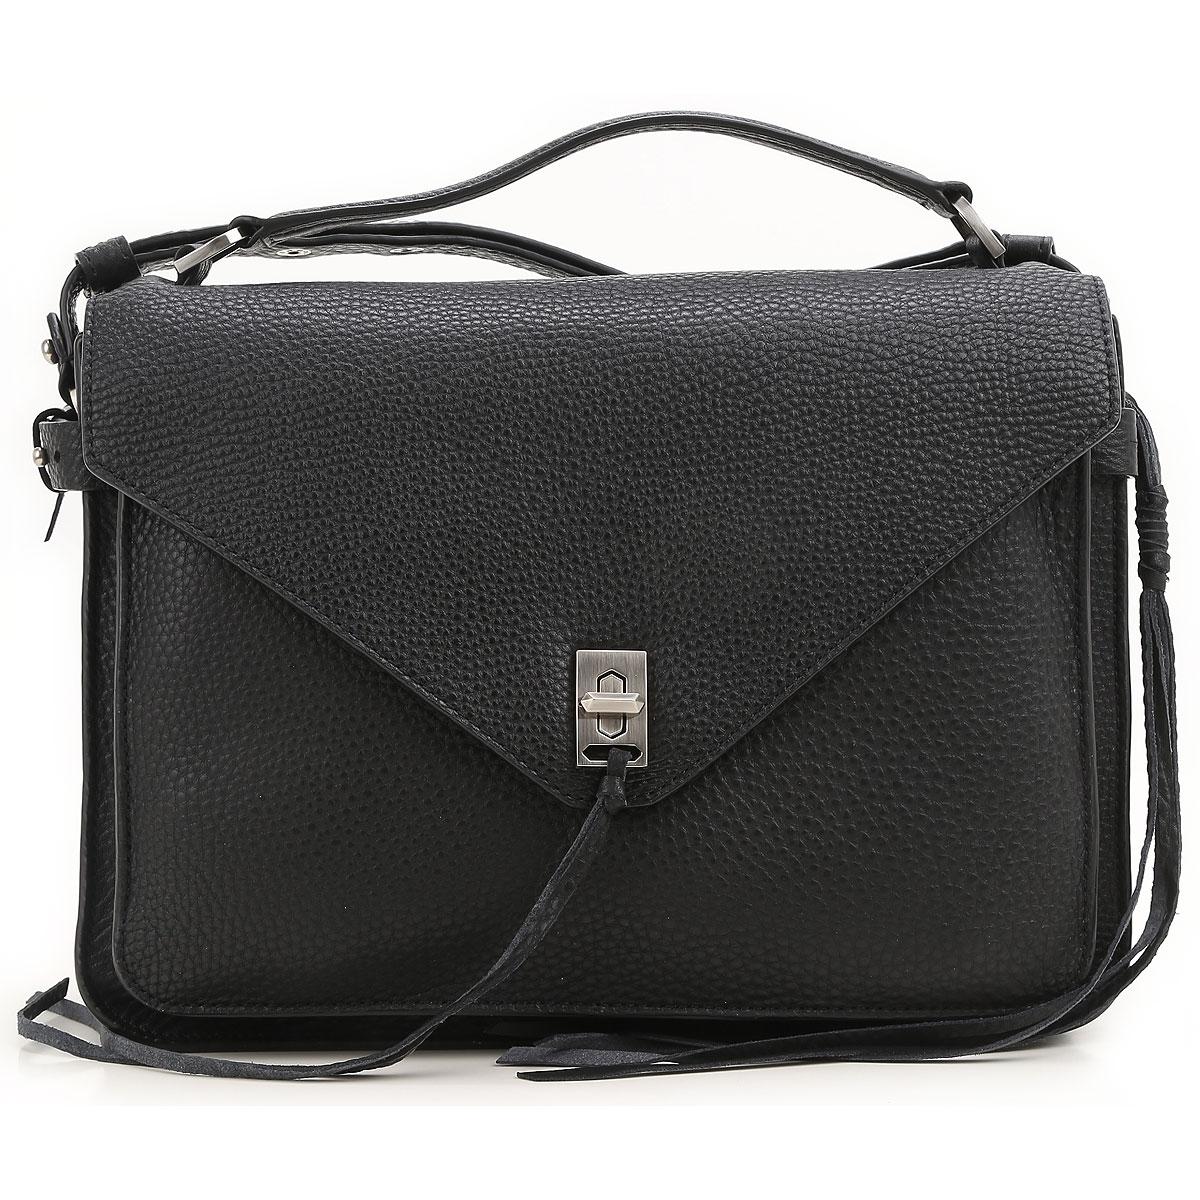 Rebecca Minkoff Shoulder Bag for Women On Sale, Black, Leather, 2017 USA-379577